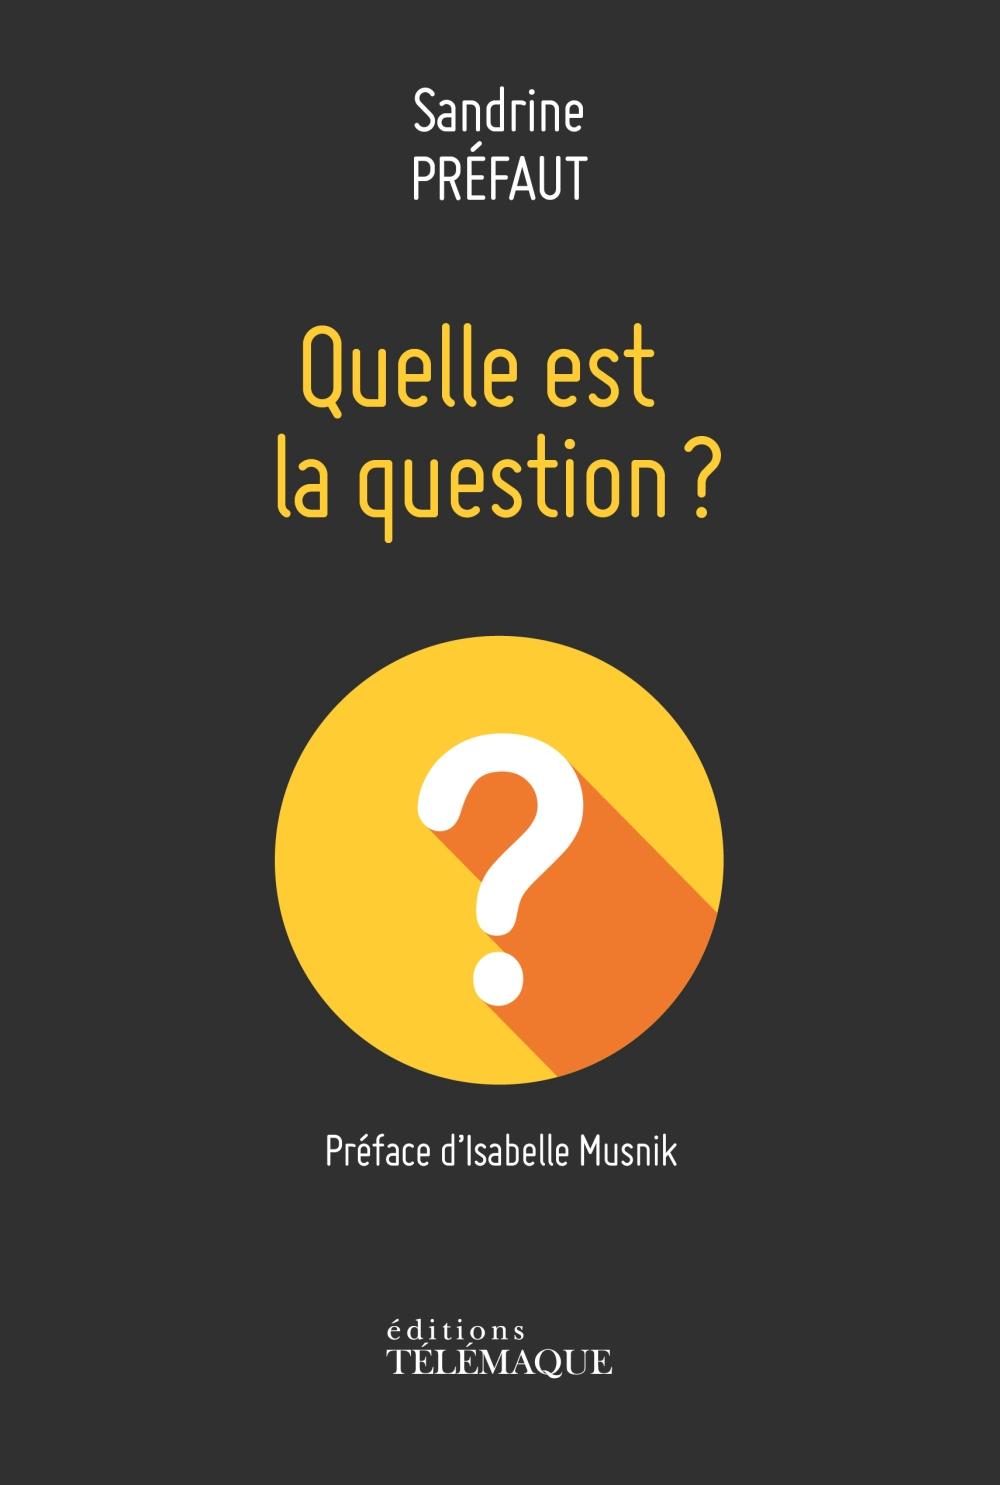 Quelle est la question ?